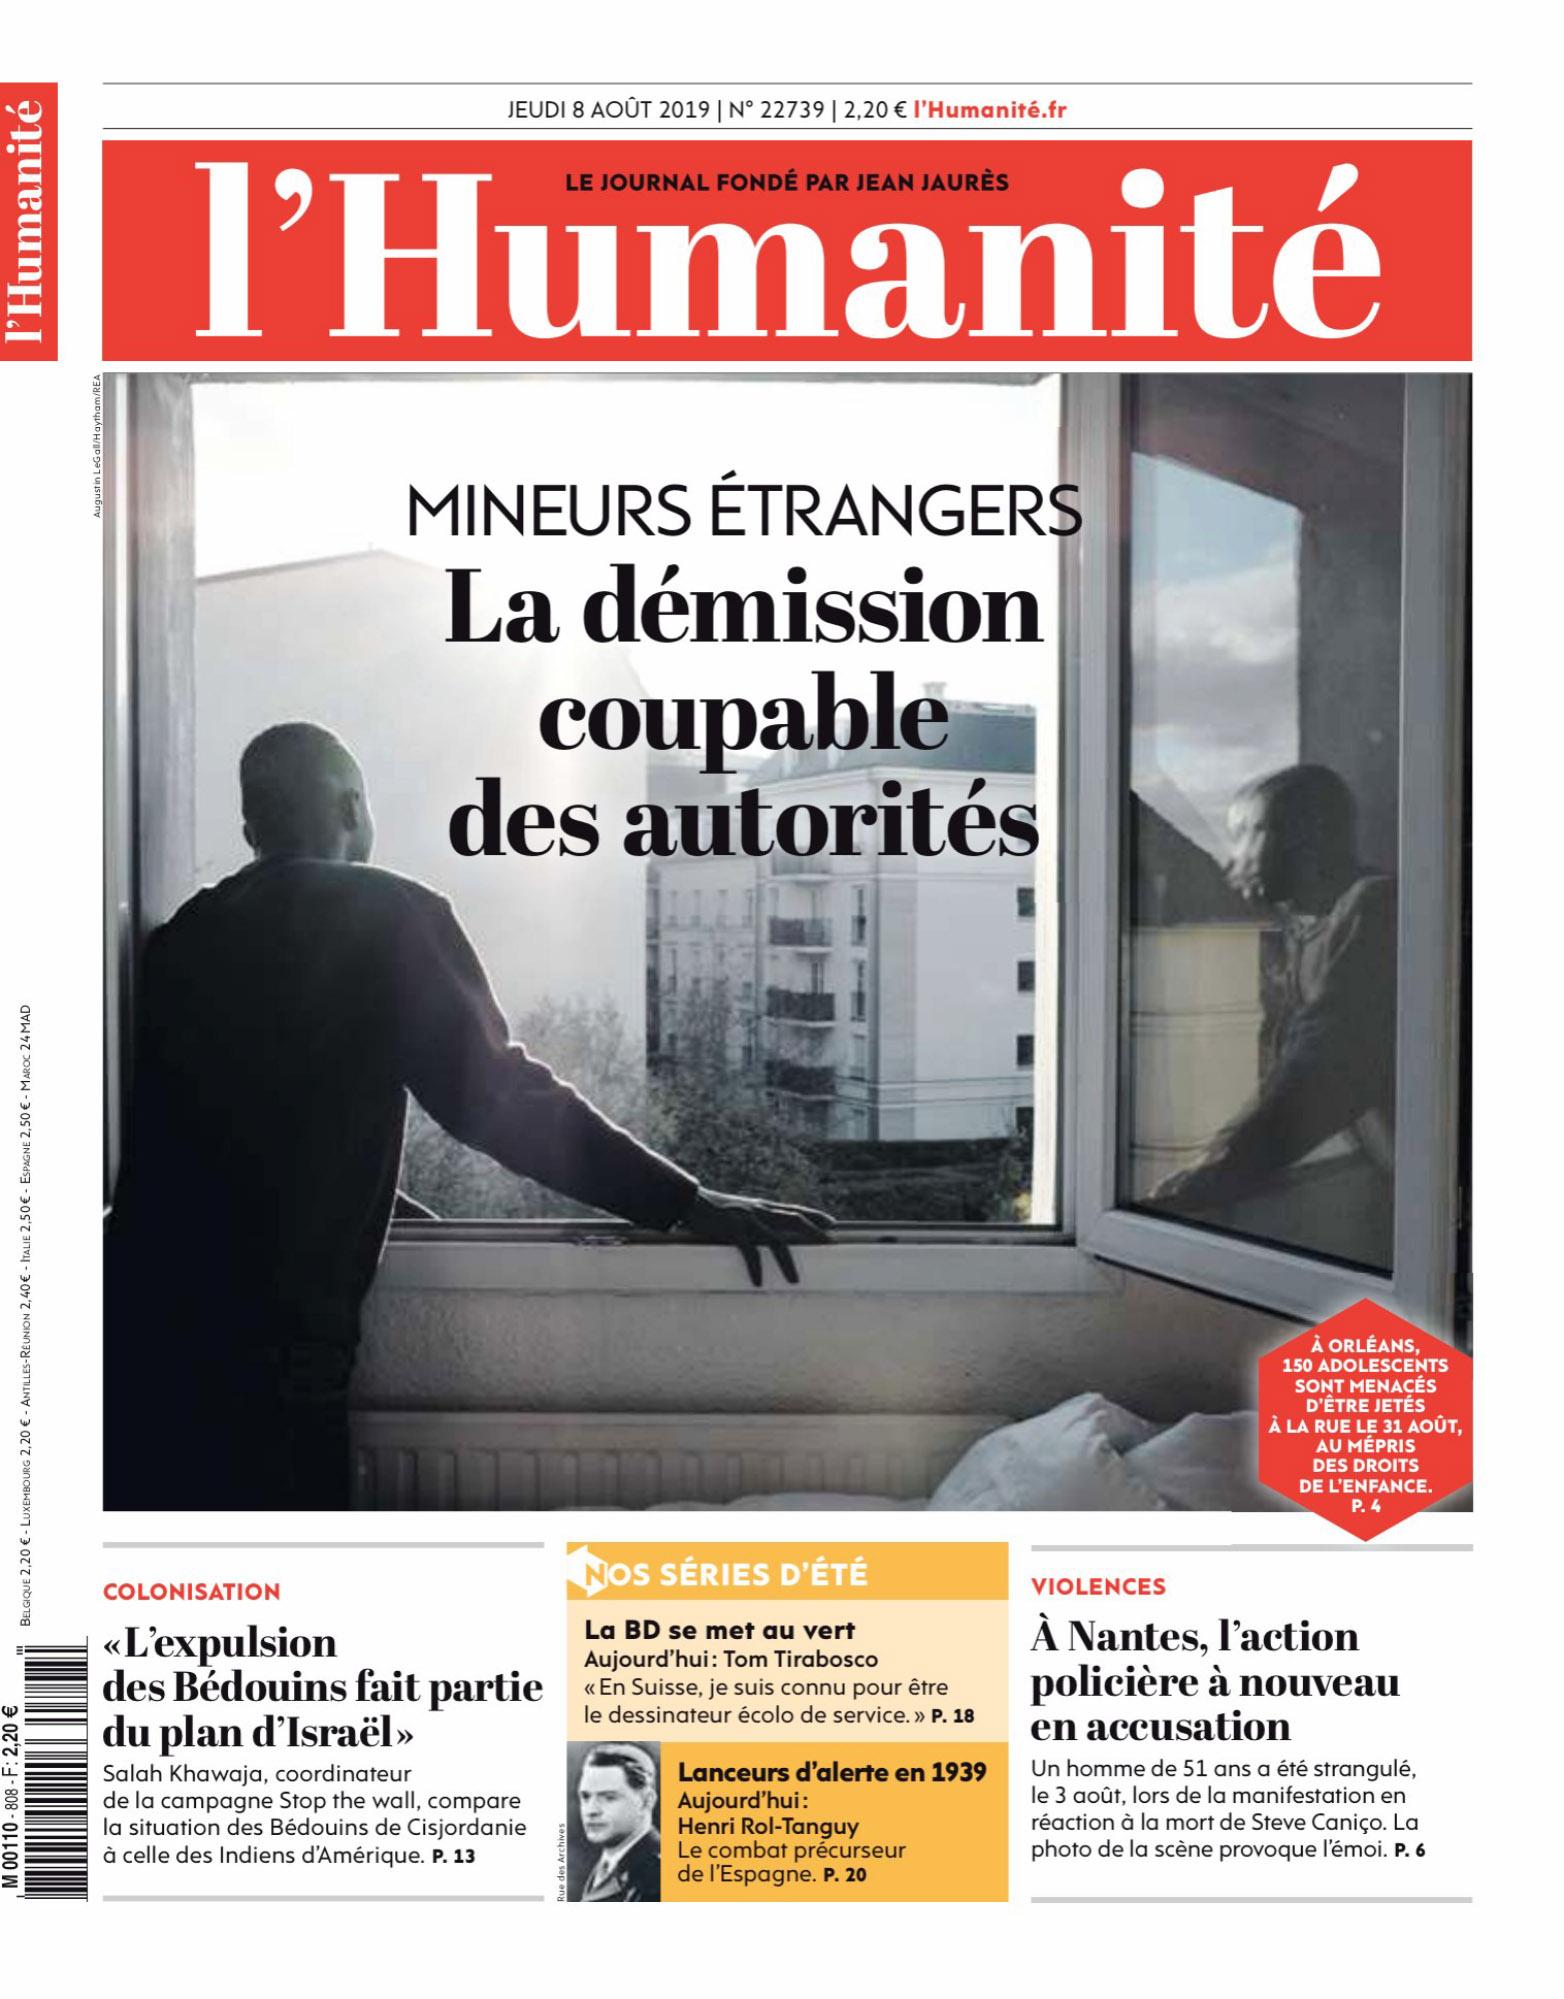 L_Humanite_du_Jeudi_8_Ao_t_2019 couv.jpg